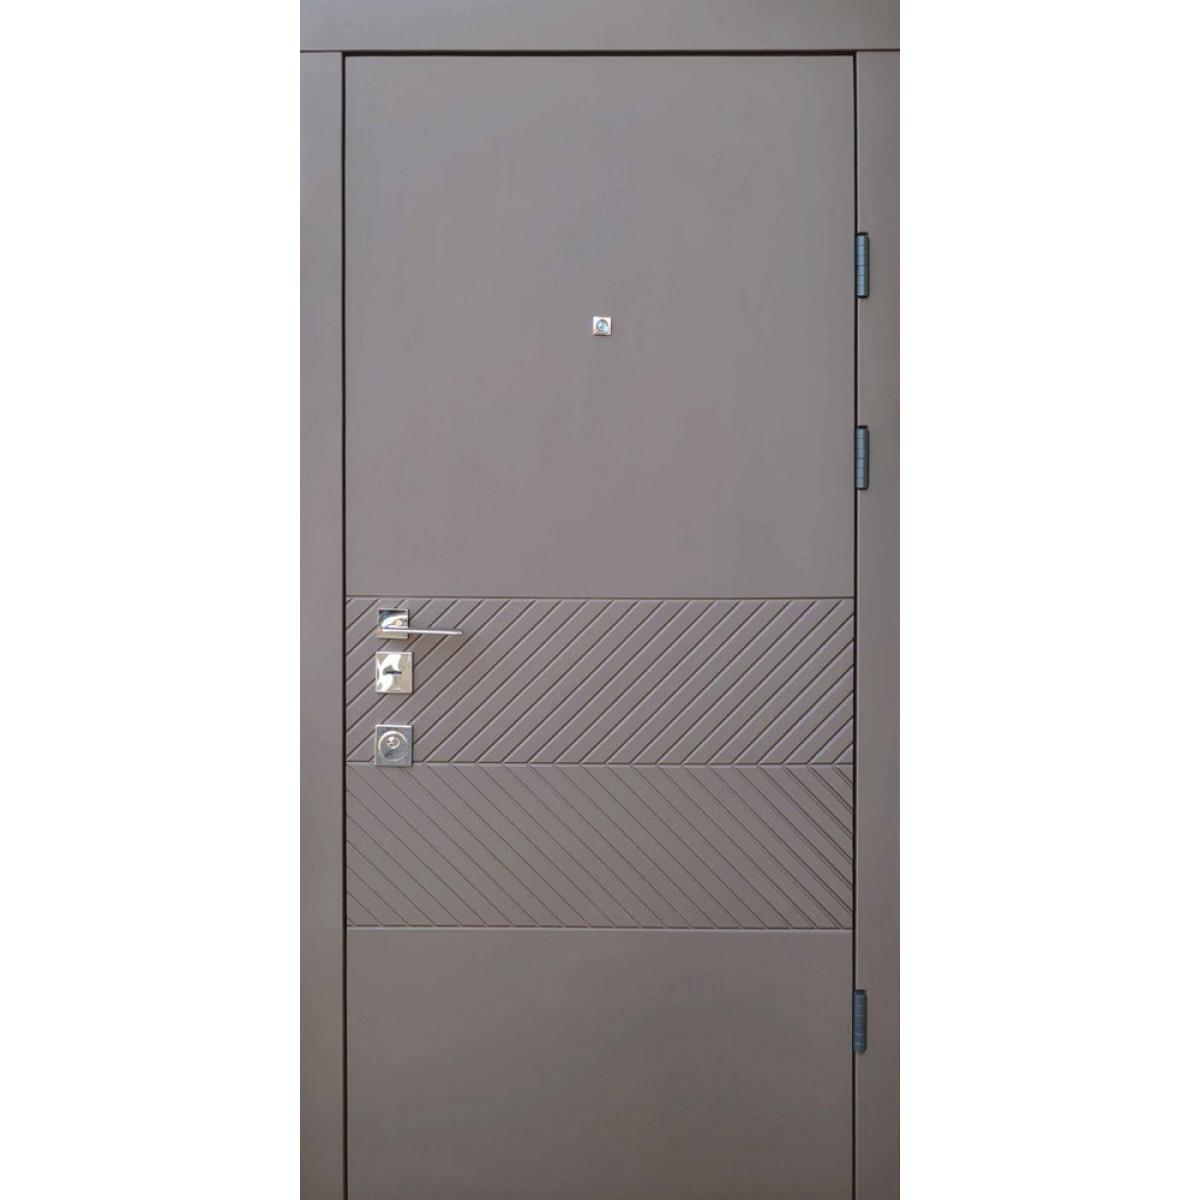 Входная дверь Qdoors Авангард Бьюти-М карамельное дерево / софт белая эмаль (ЧБ)